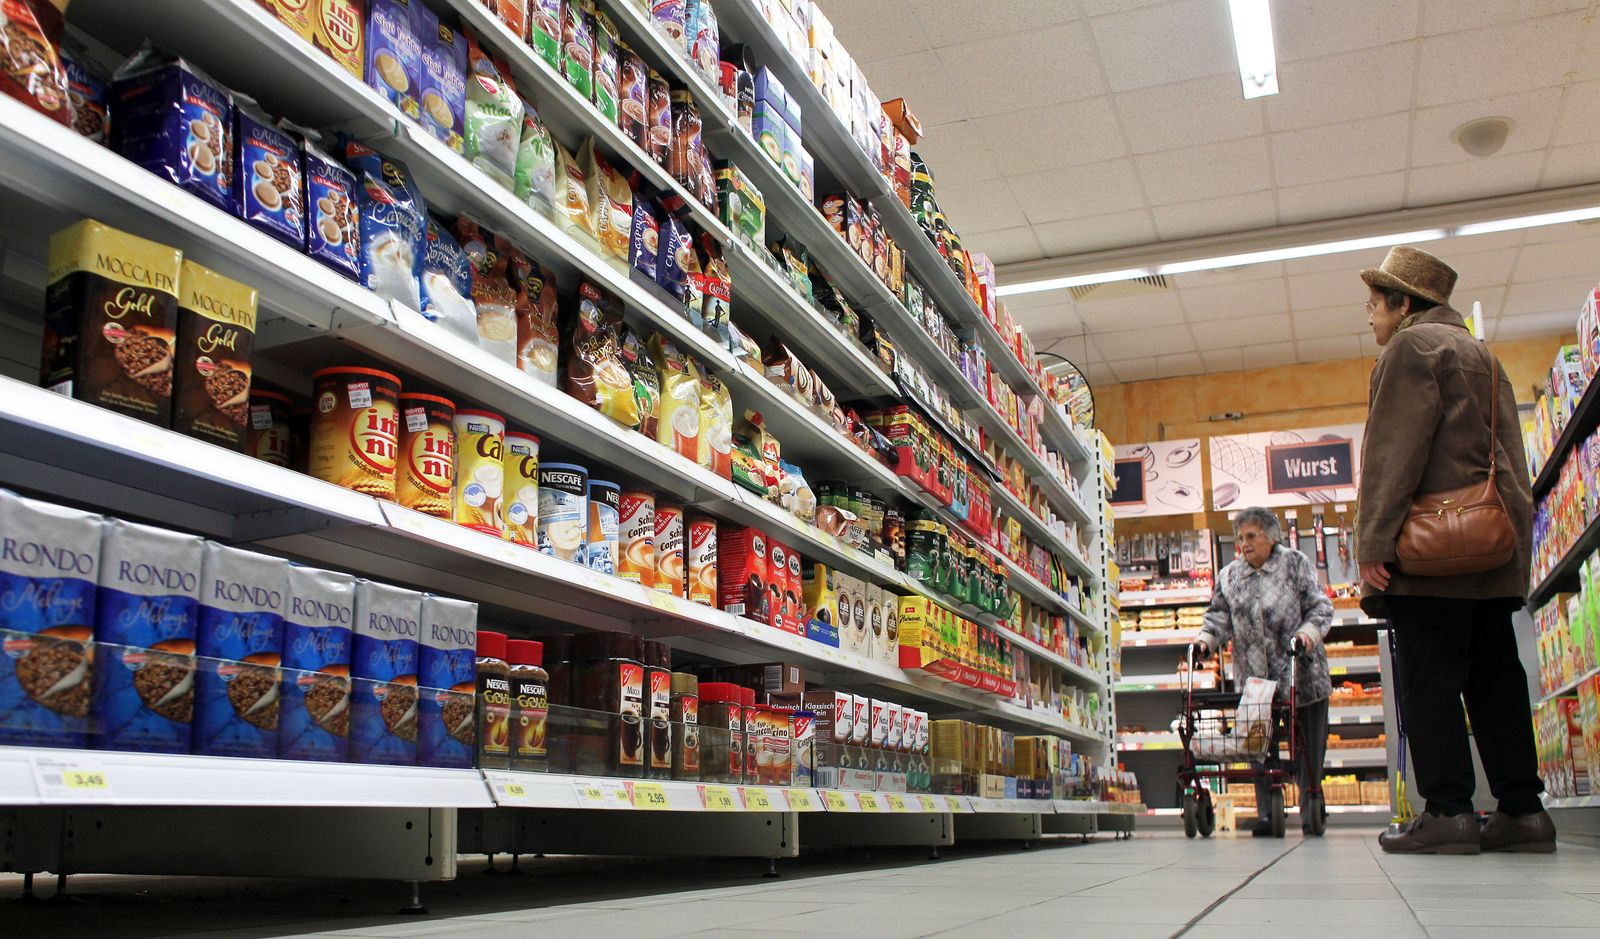 Supermarkt / Verbraucher / Kaufen